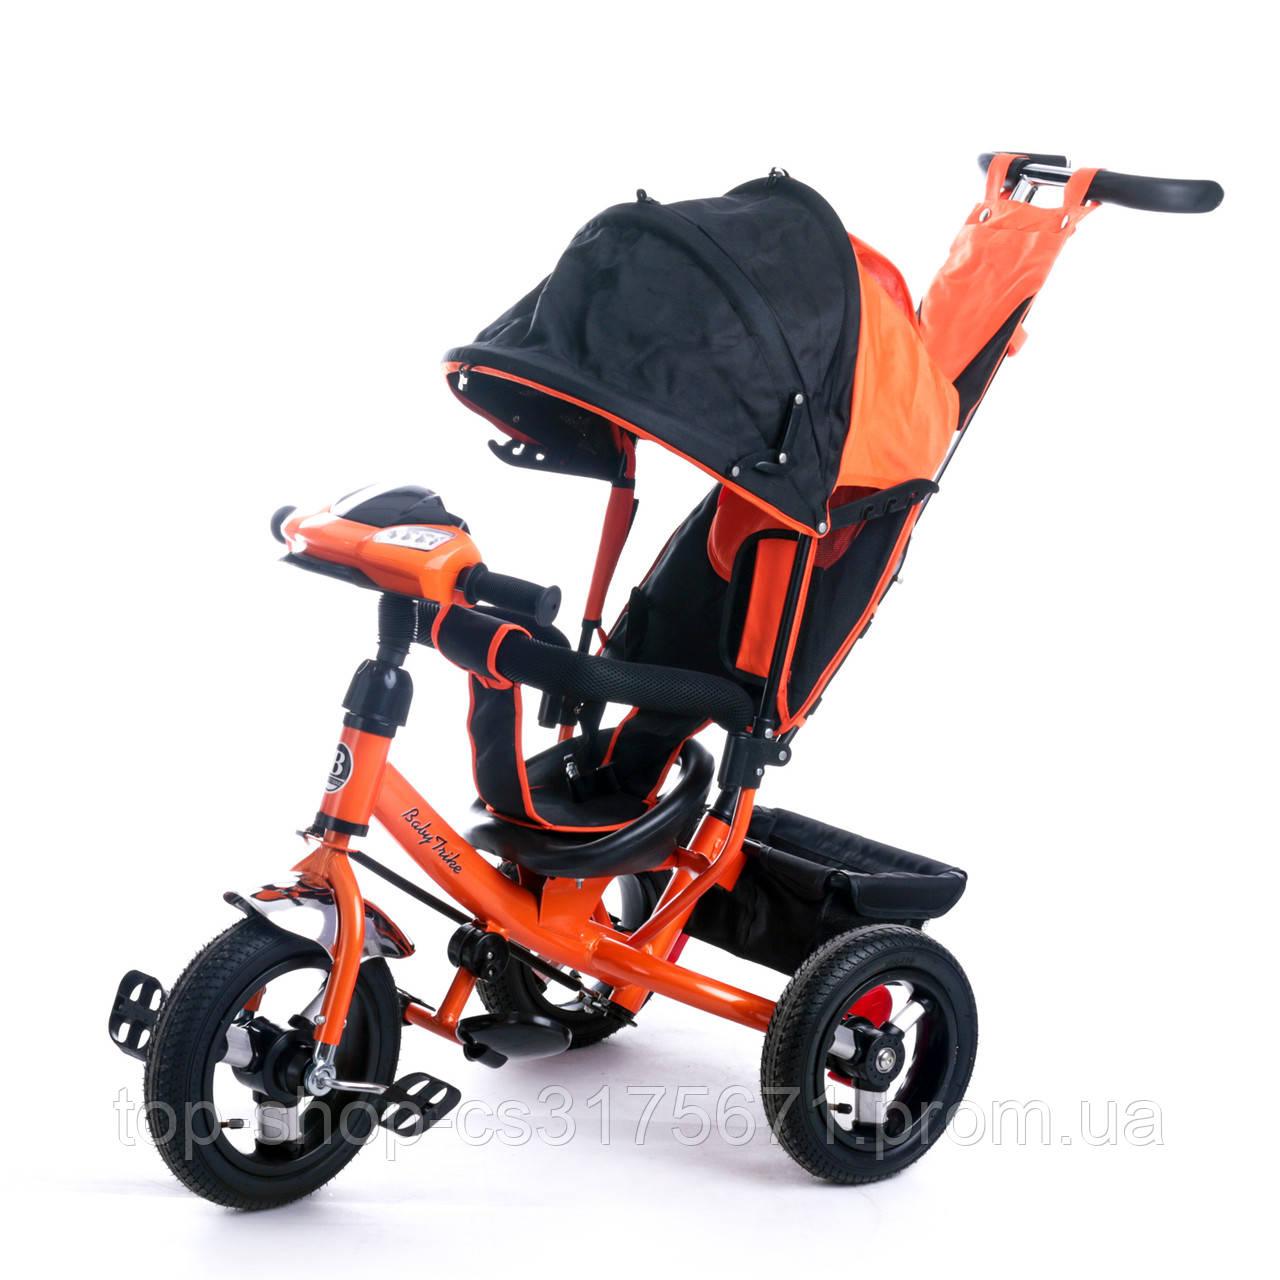 Велосипед трехколесный Baby  Trike 6588O с ключем зажигания